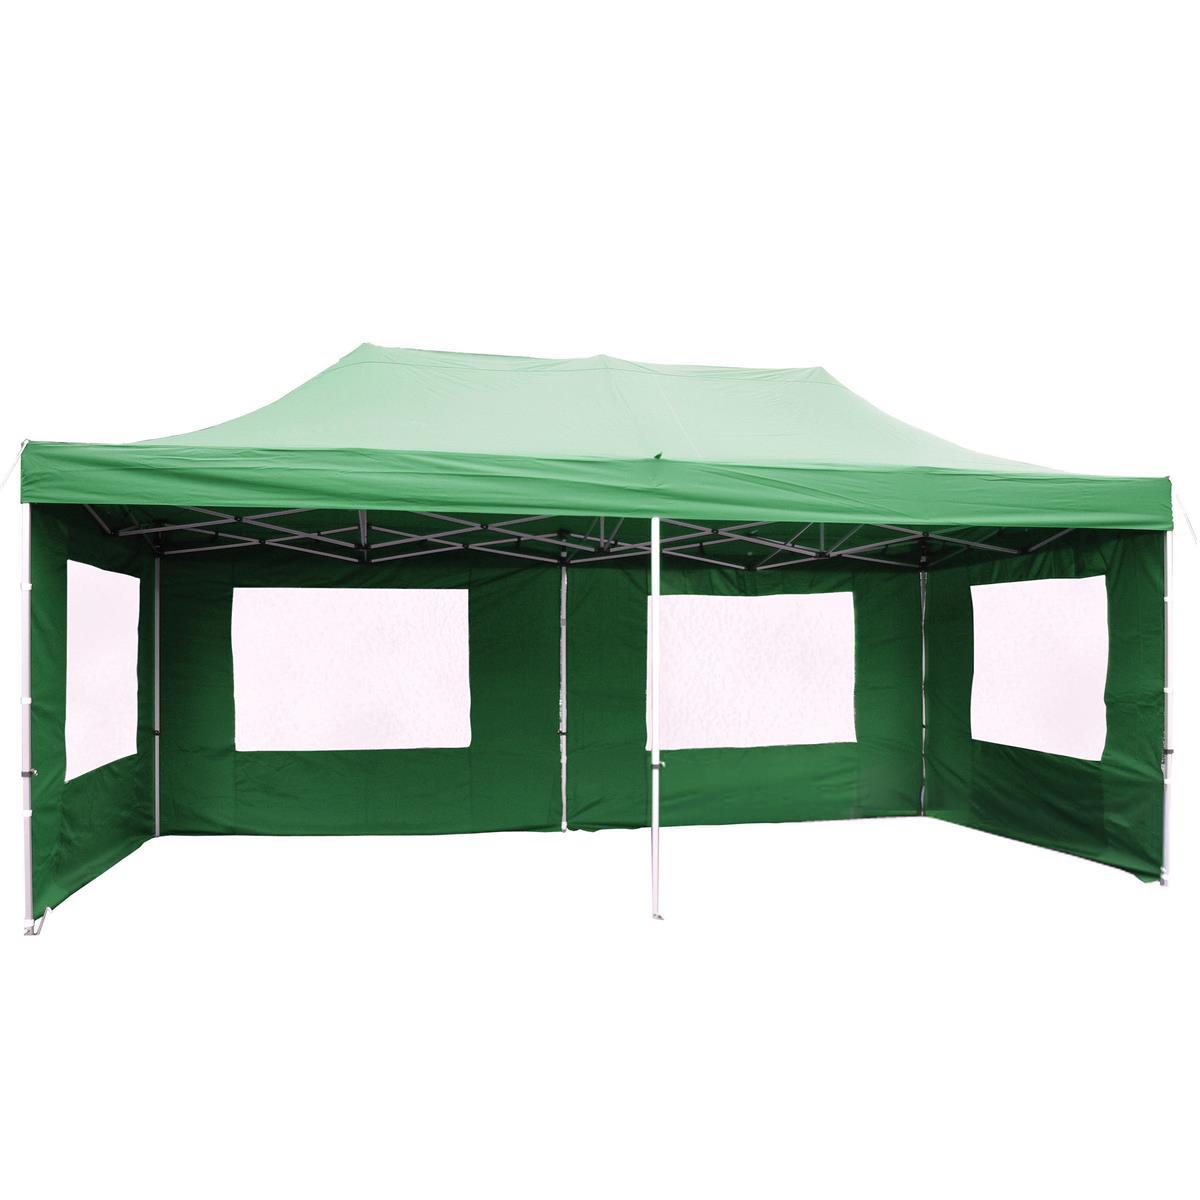 PROFI Faltpavillon Partyzelt 3x6 m grün mit Seitenteilen wasserdichtes Dach